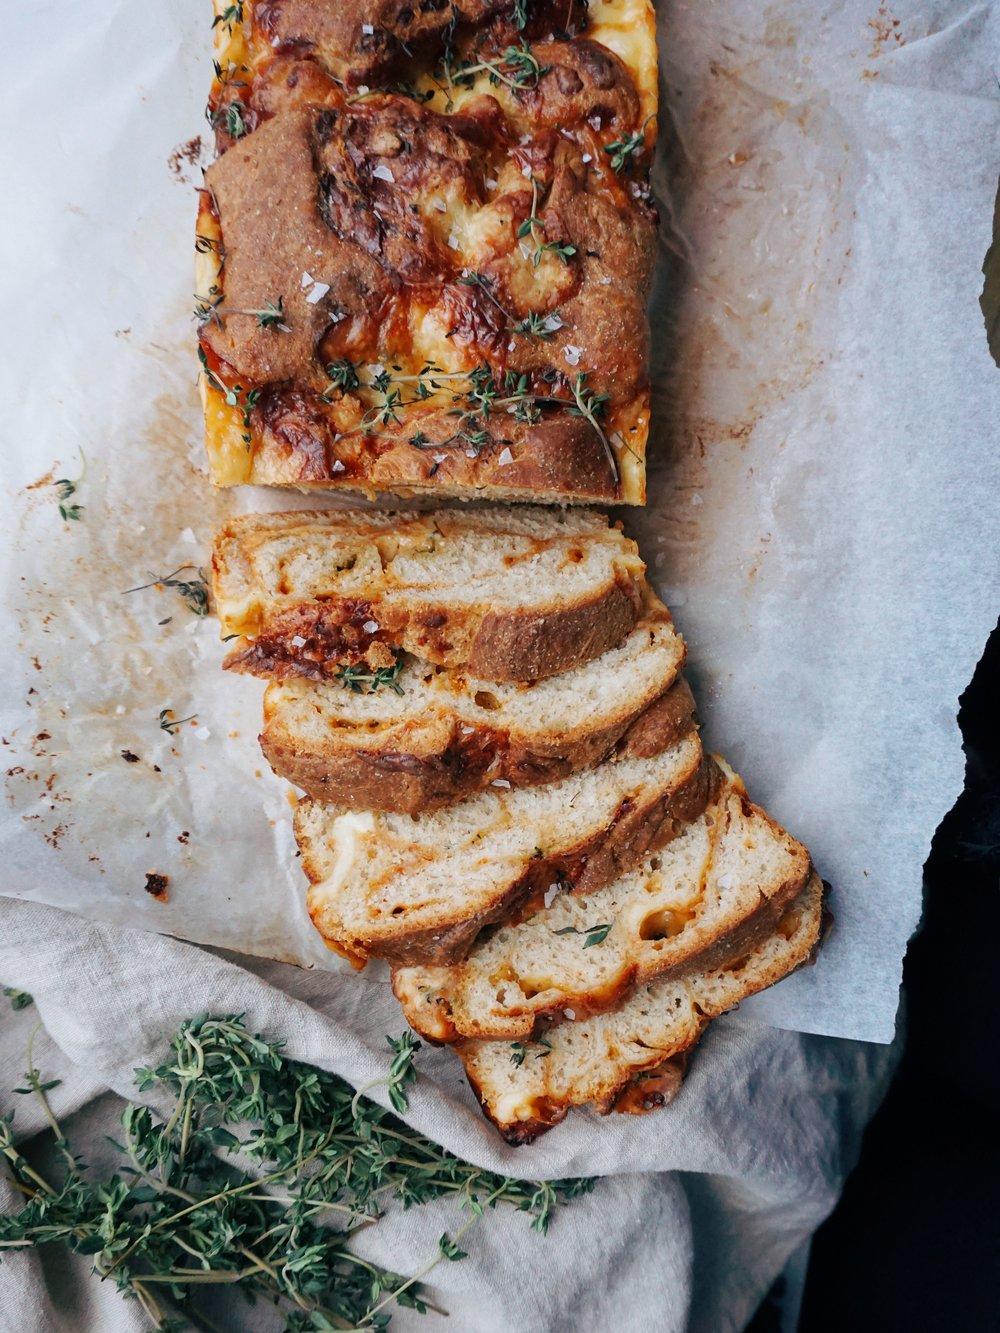 siera maize ar timiānu - kad mājās izveidojušies tādi palielāki siera krājumi un zini, ka parastas siermaizītes līdz galam nepalīdzēs tos likvidēt, tad jācep īsta siera maize. jā, jā, jā, šo siera maizi var ēst gan ar humusu, šķiņķi, salātlapām vai papildinot ar vēl kādu siera šķēli, gan pasniegt kā izcilu papildinājumu uzkodu platē.